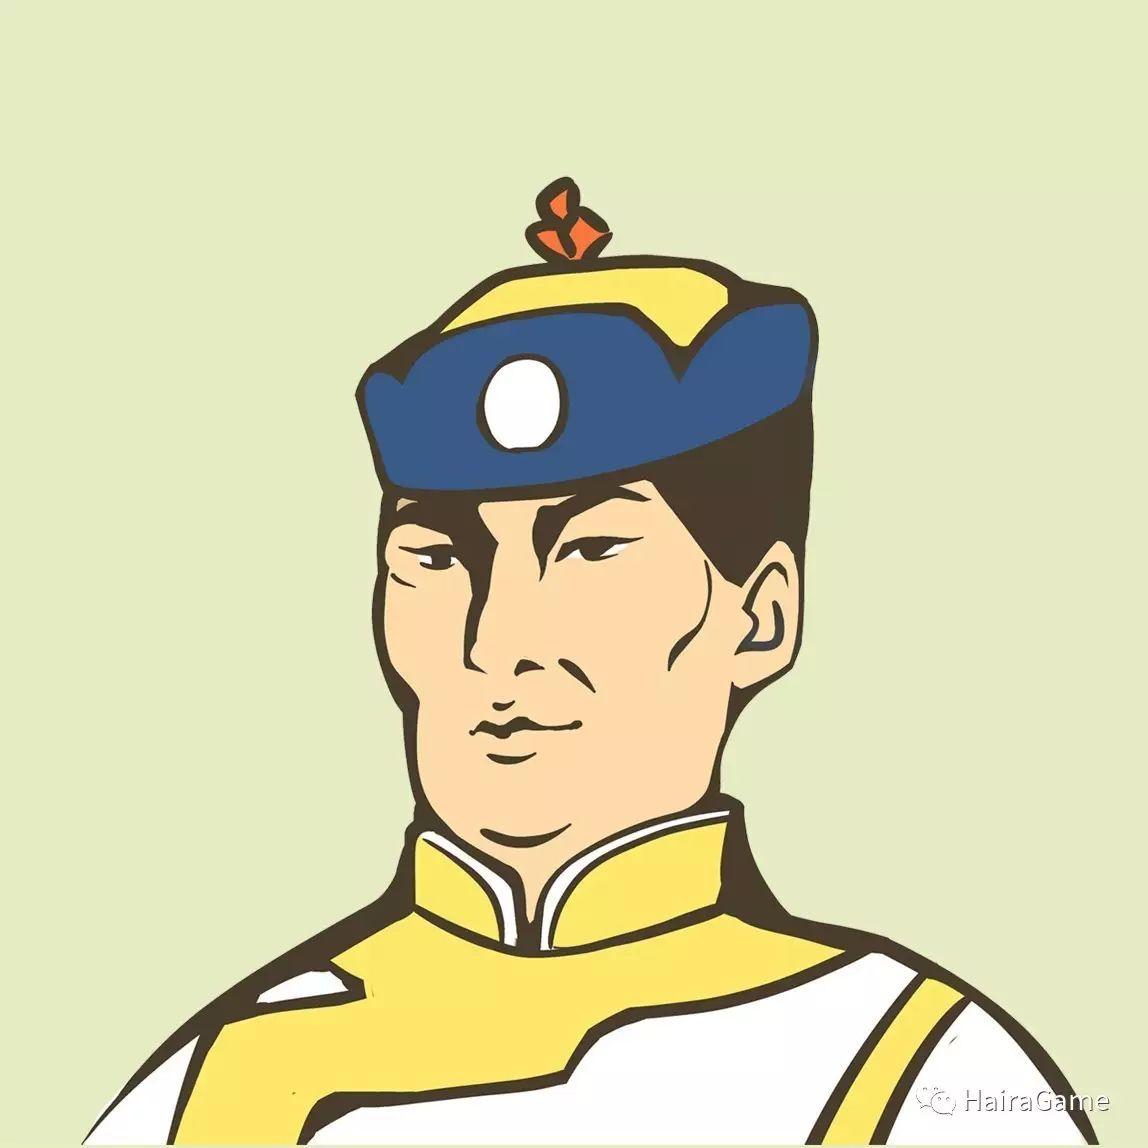 漫画头像 of 阿拉善和硕特蒙古|Haira绘制 第7张